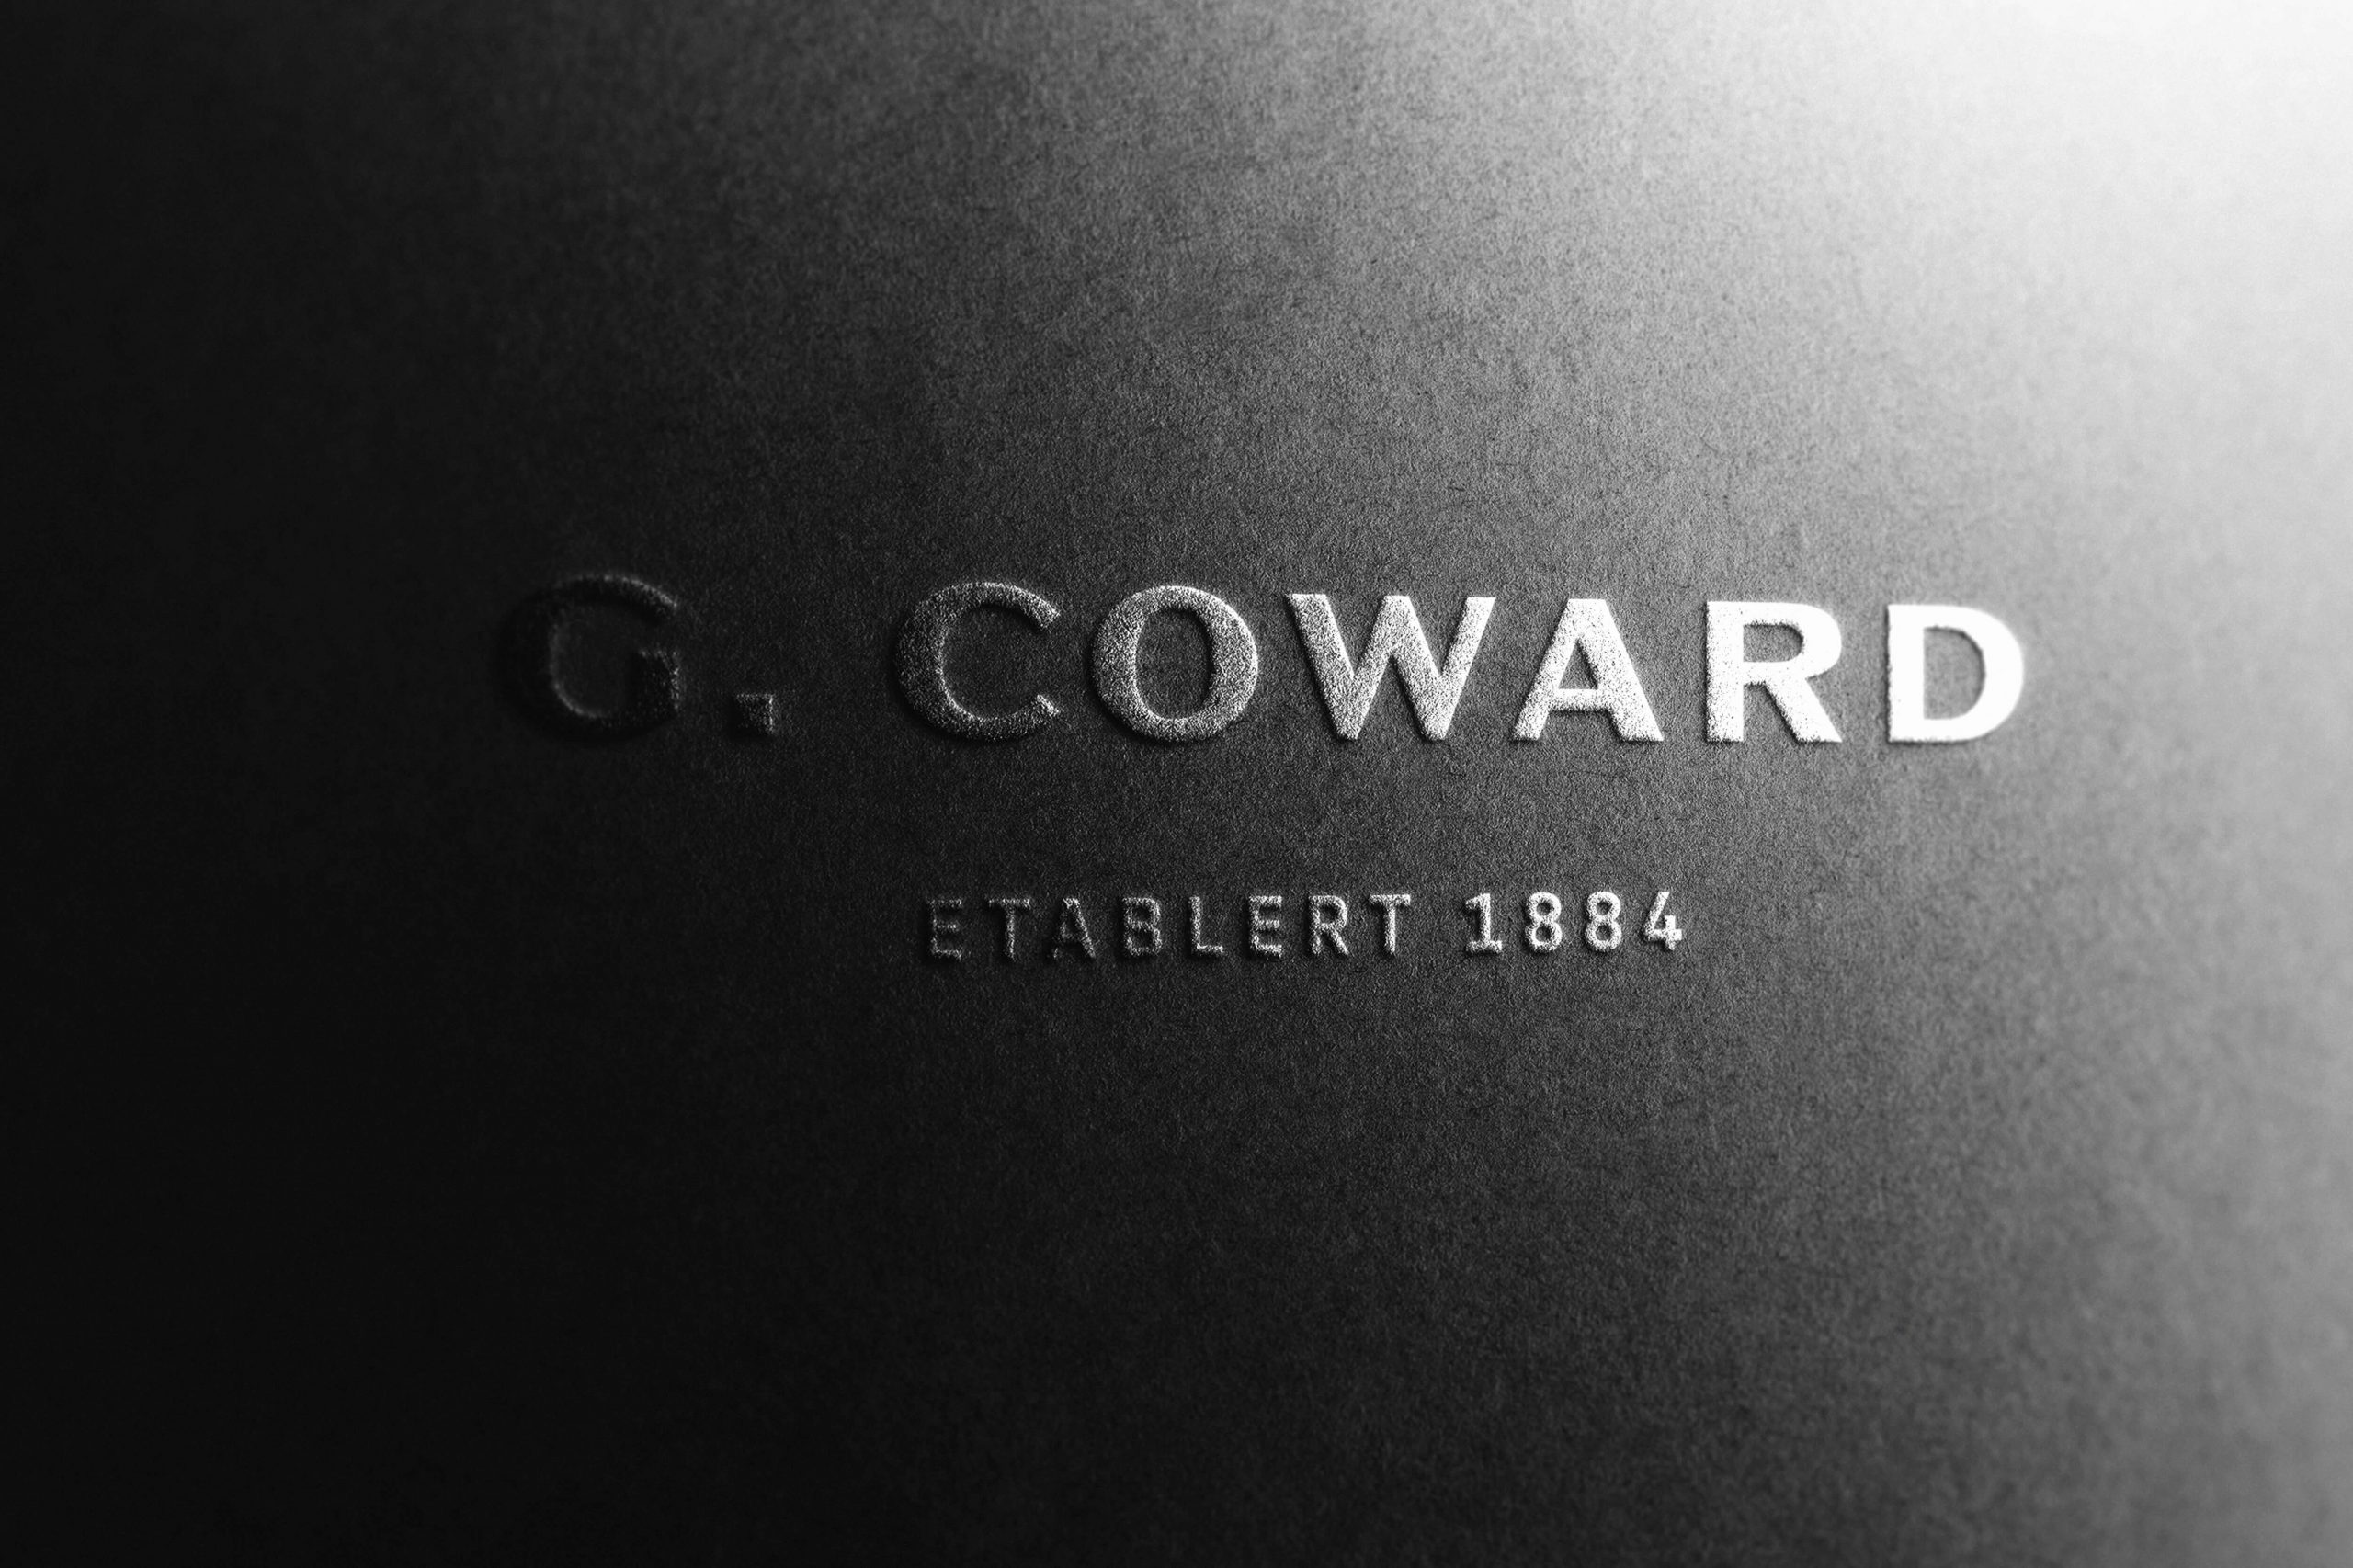 Logo av G. Coward preget ut på papir